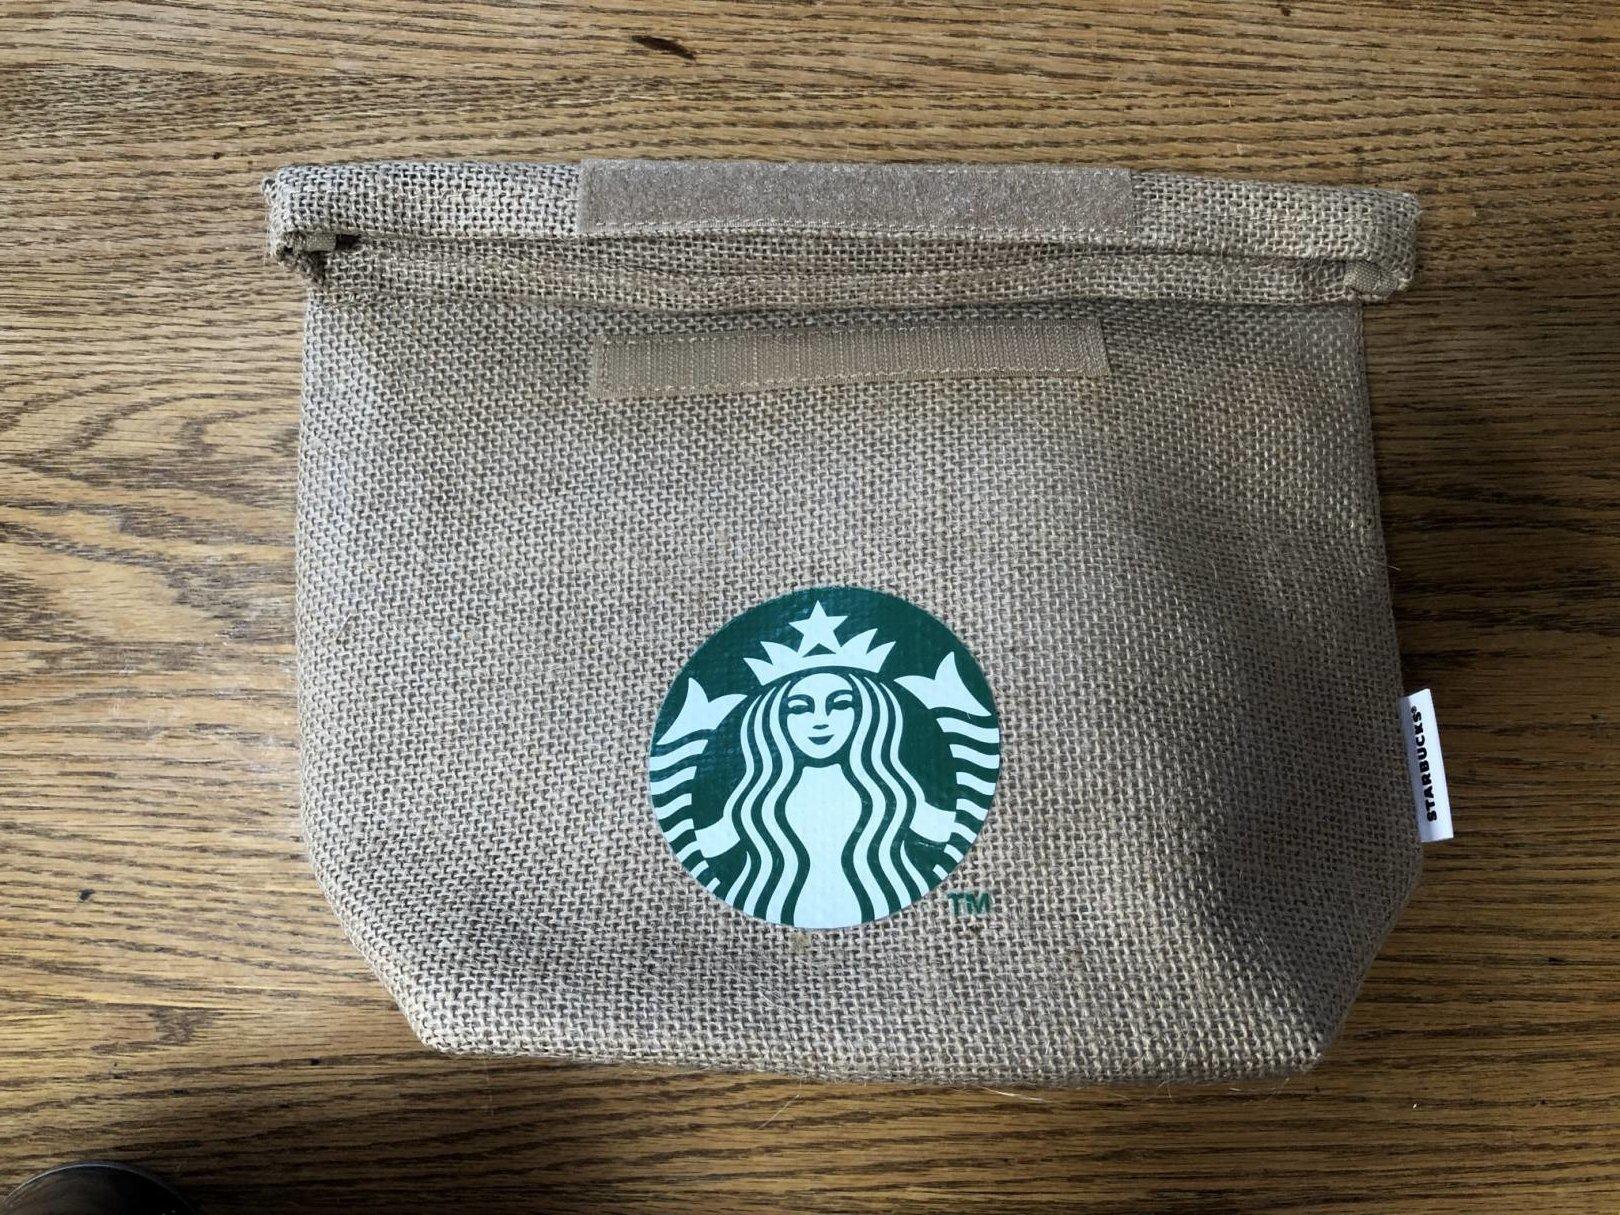 スターバックス福袋の麻の保冷バッグ